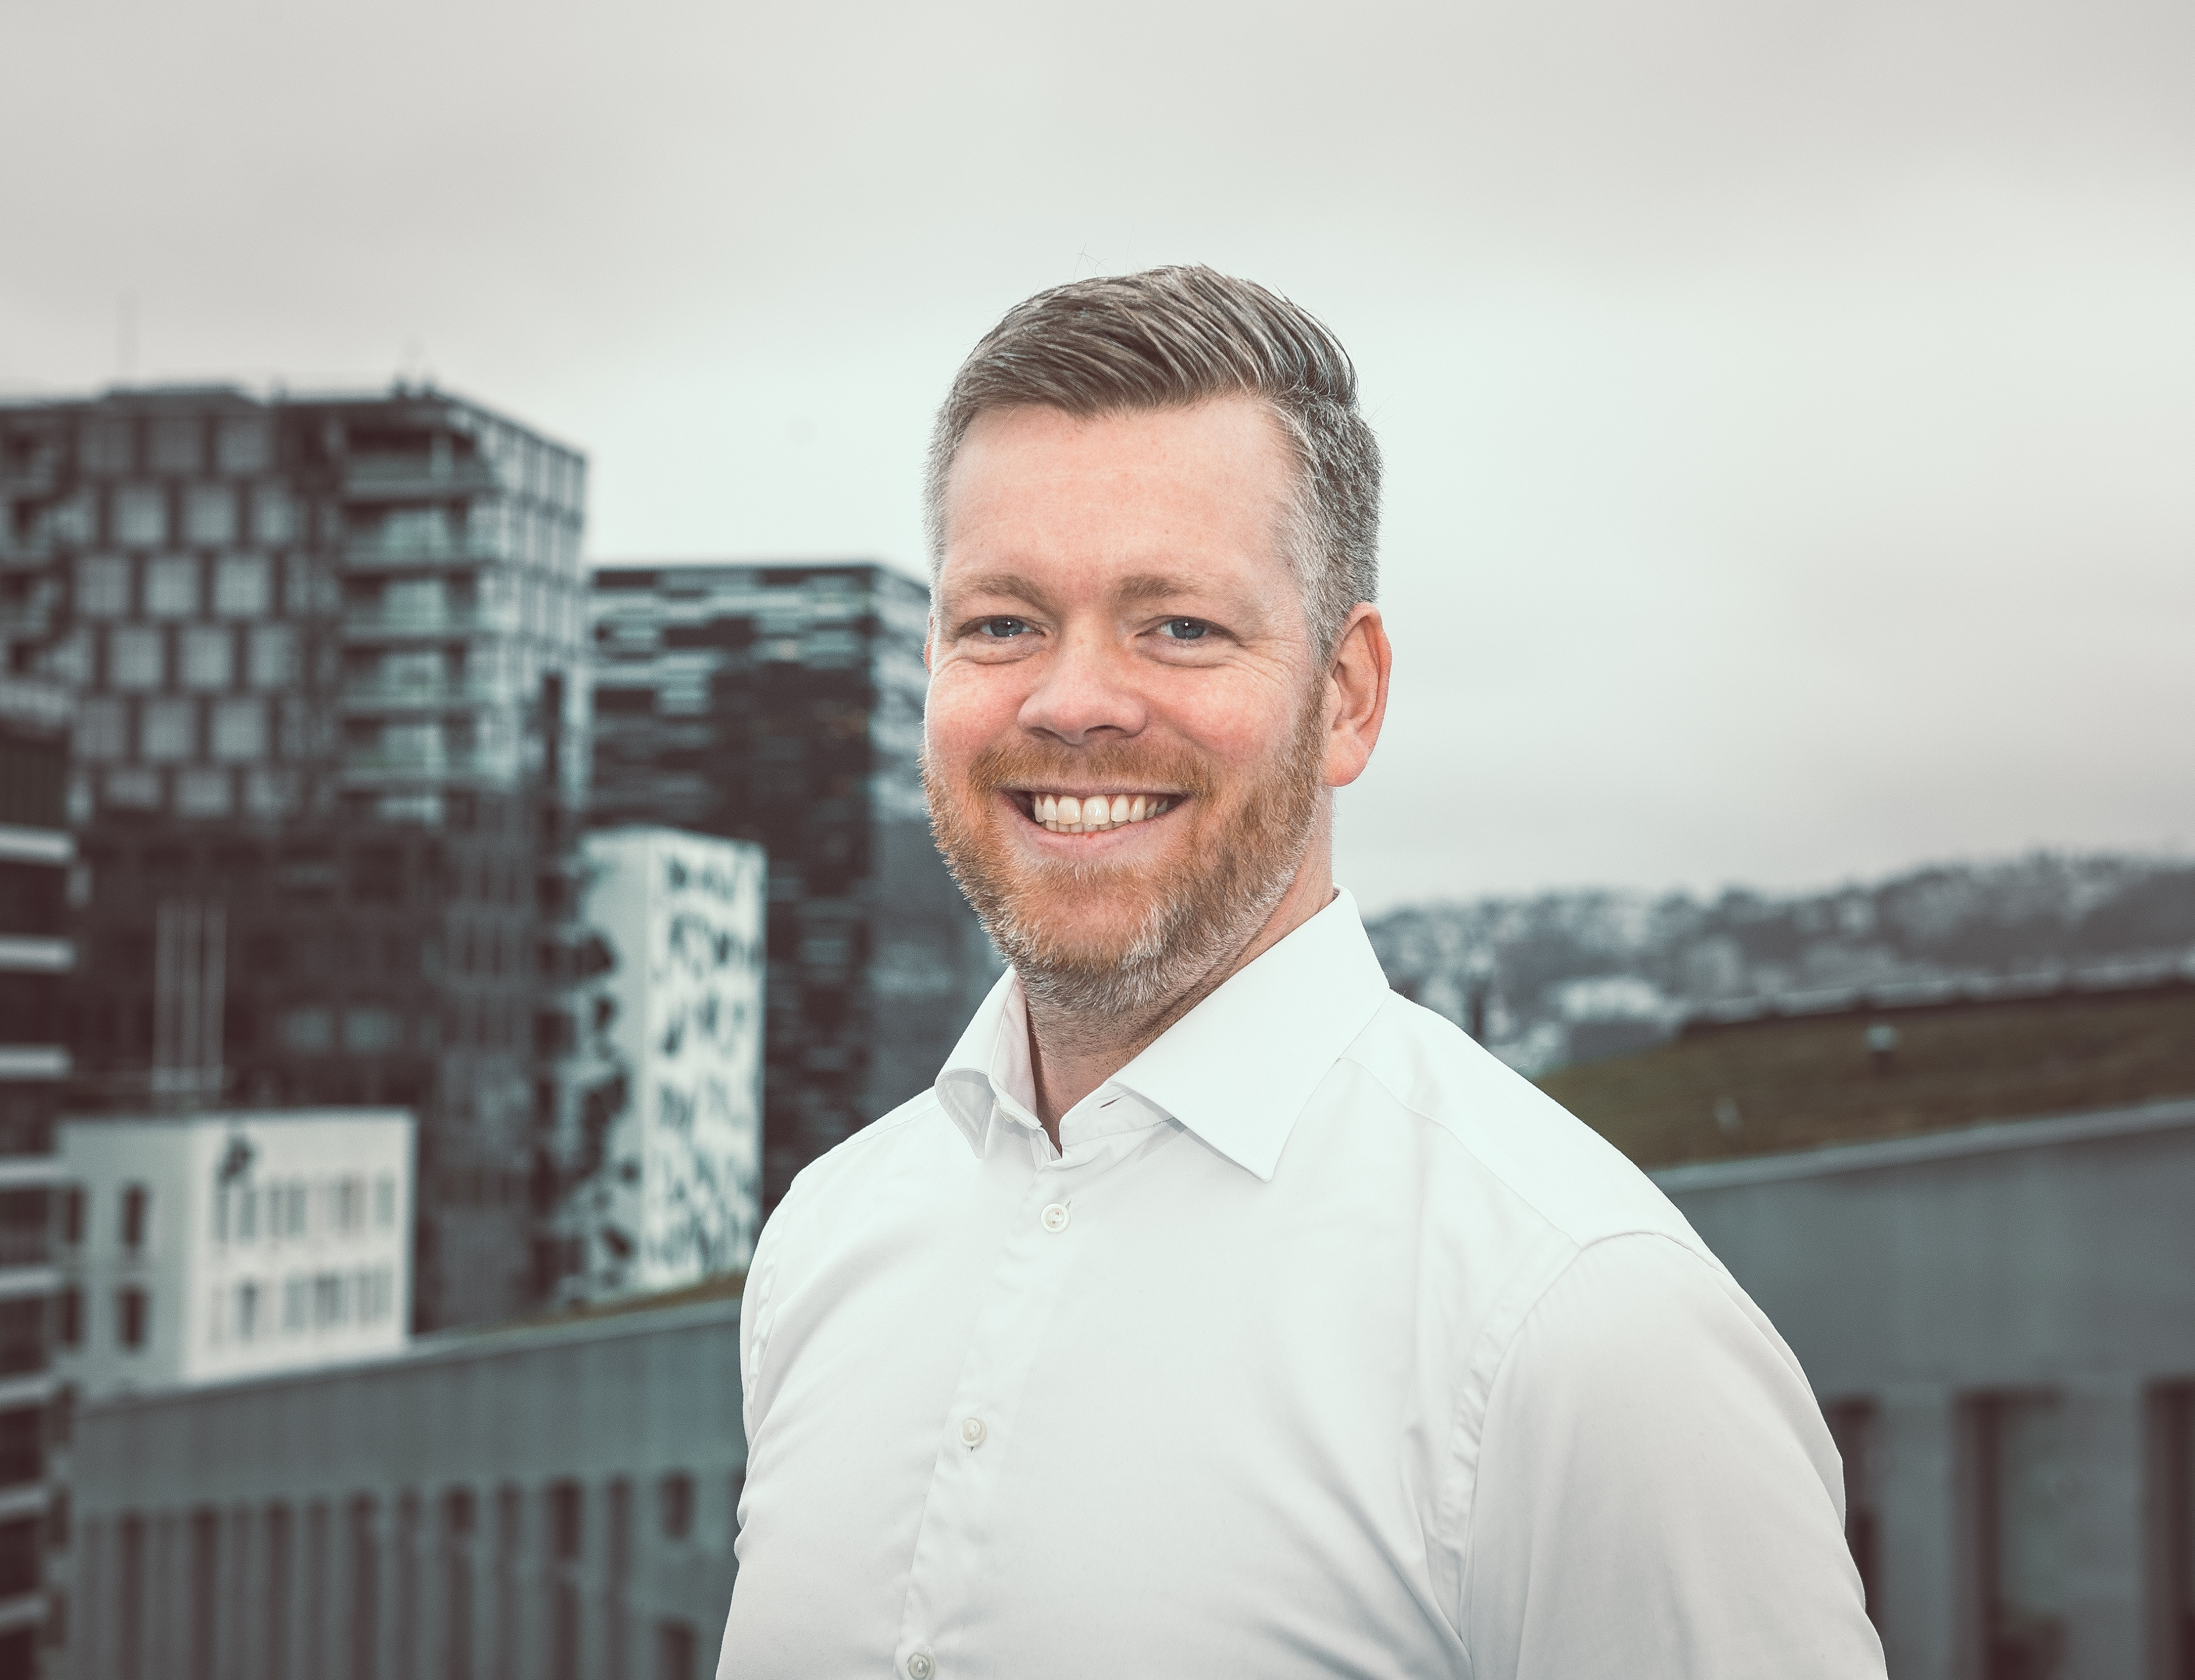 Jostein Skjærum